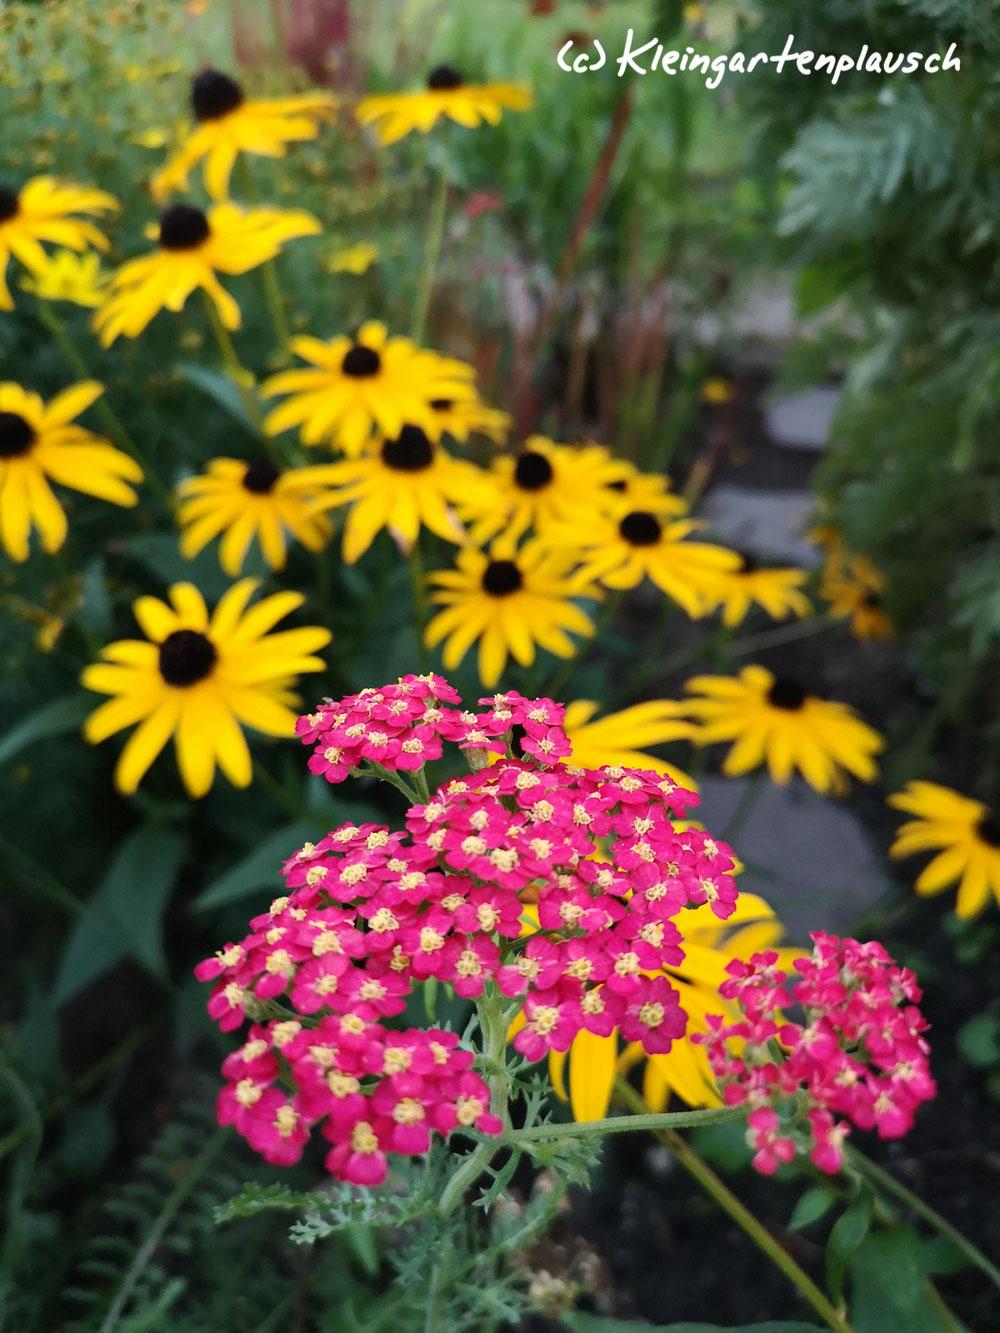 """Feuer! Sonnenhut, Rudbeckia fulgida var. sullivantii """"Goldsturm""""und Kirschschafgarbe Achillea millefolium sind ein heißes Paar..."""